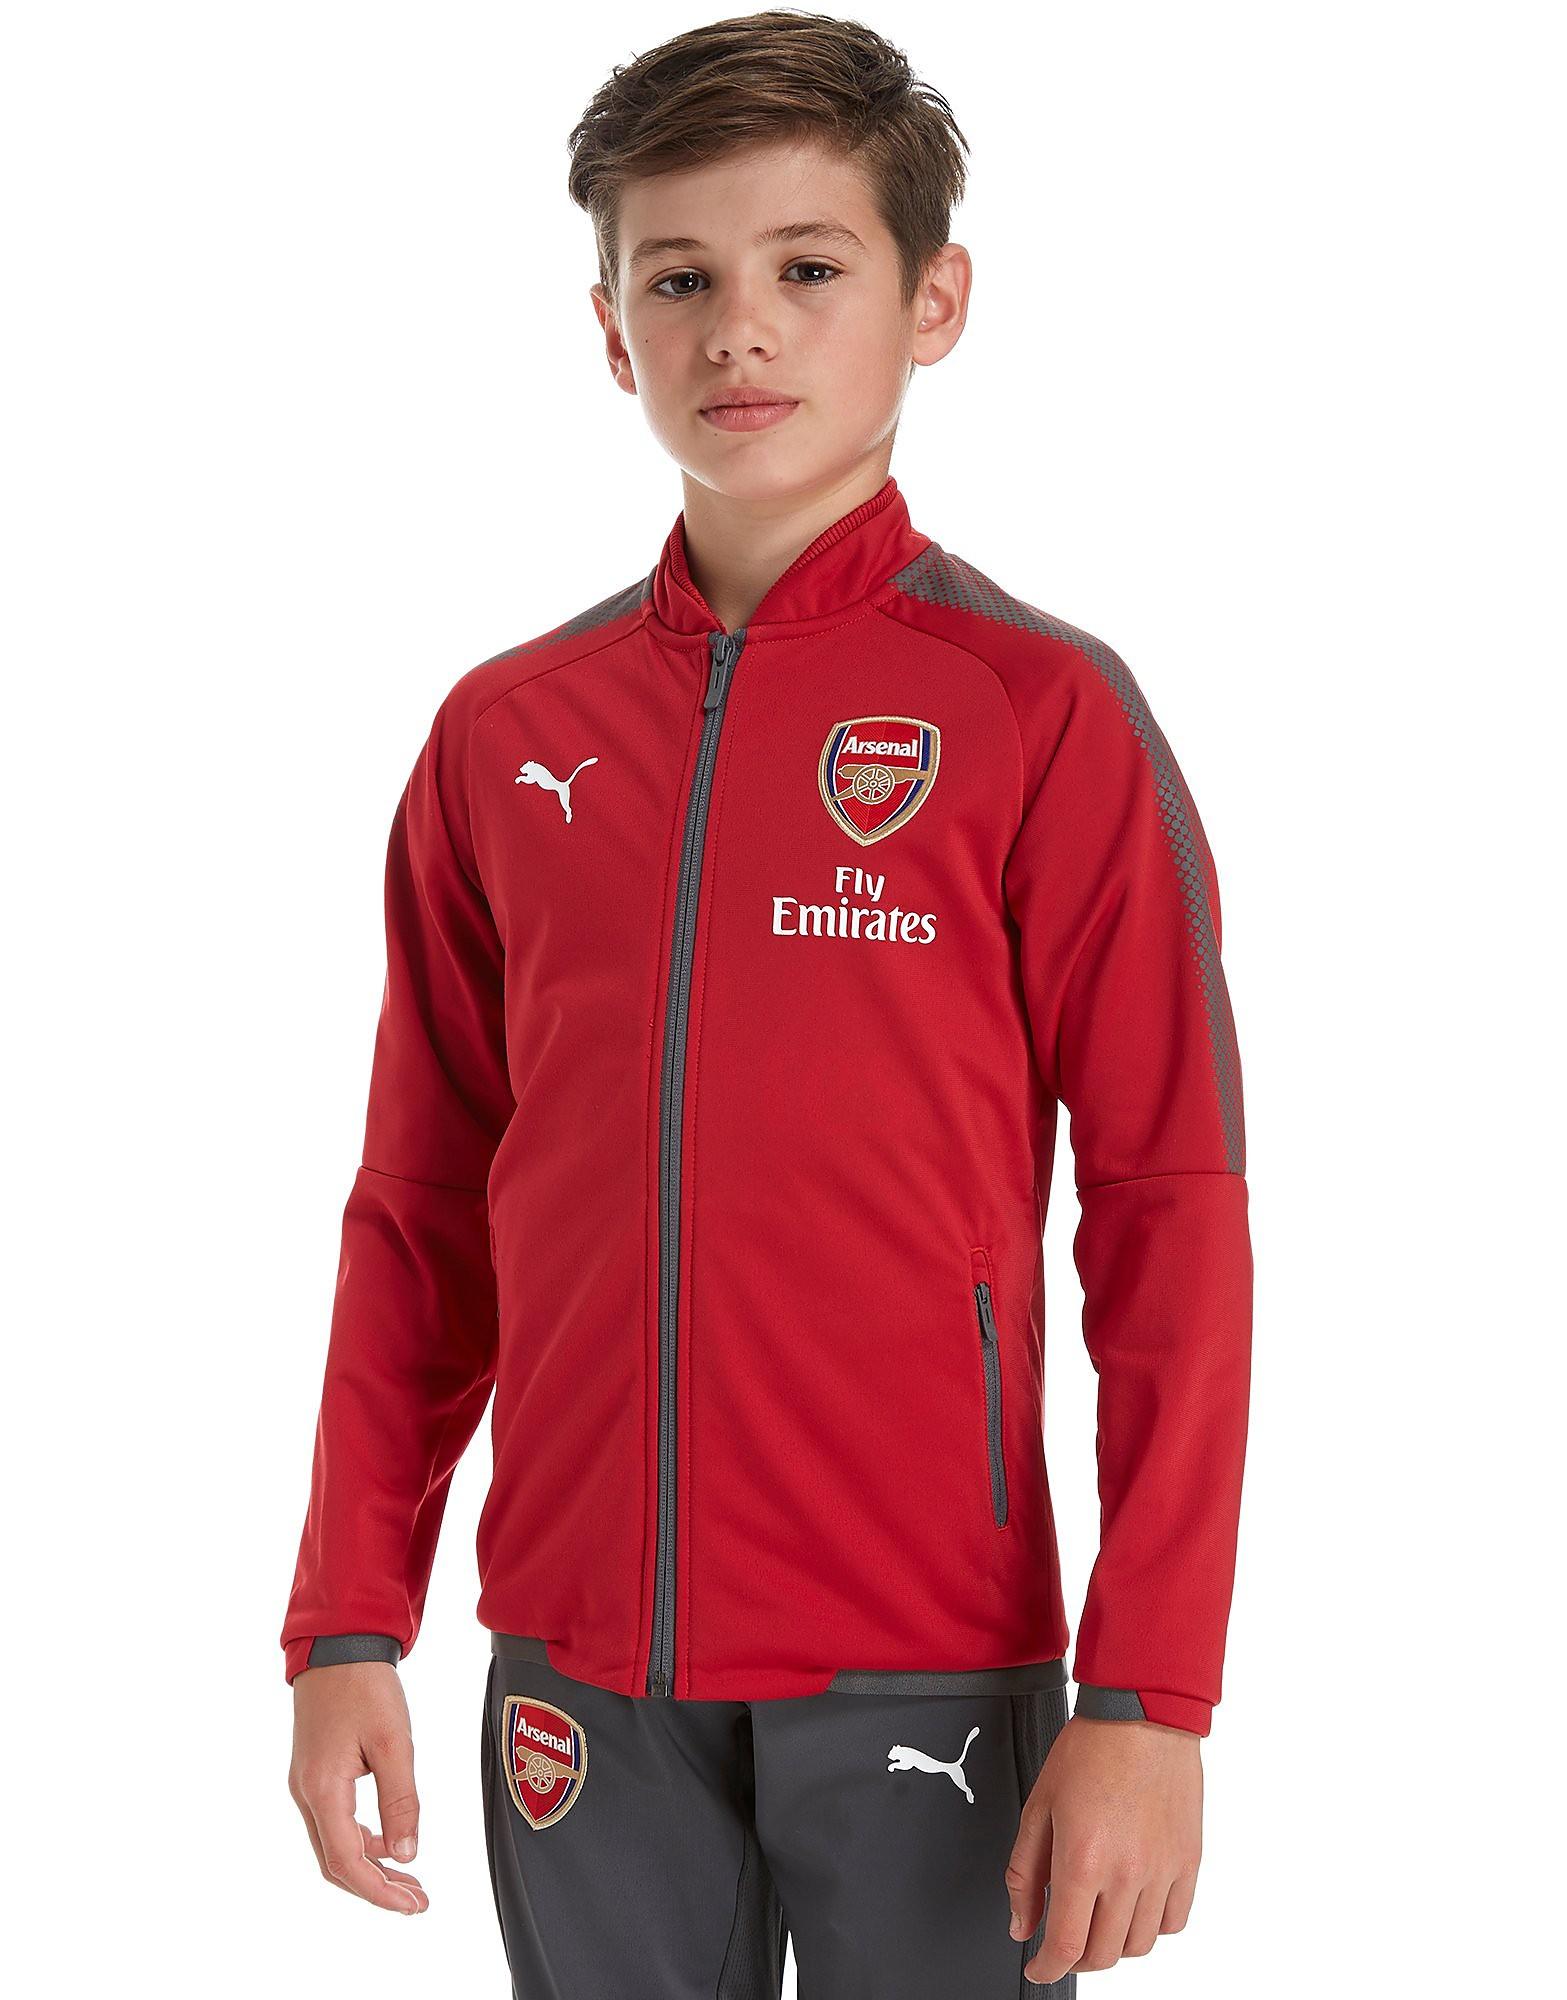 PUMA Arsenal FC 2017 Stadium Jacket Junior